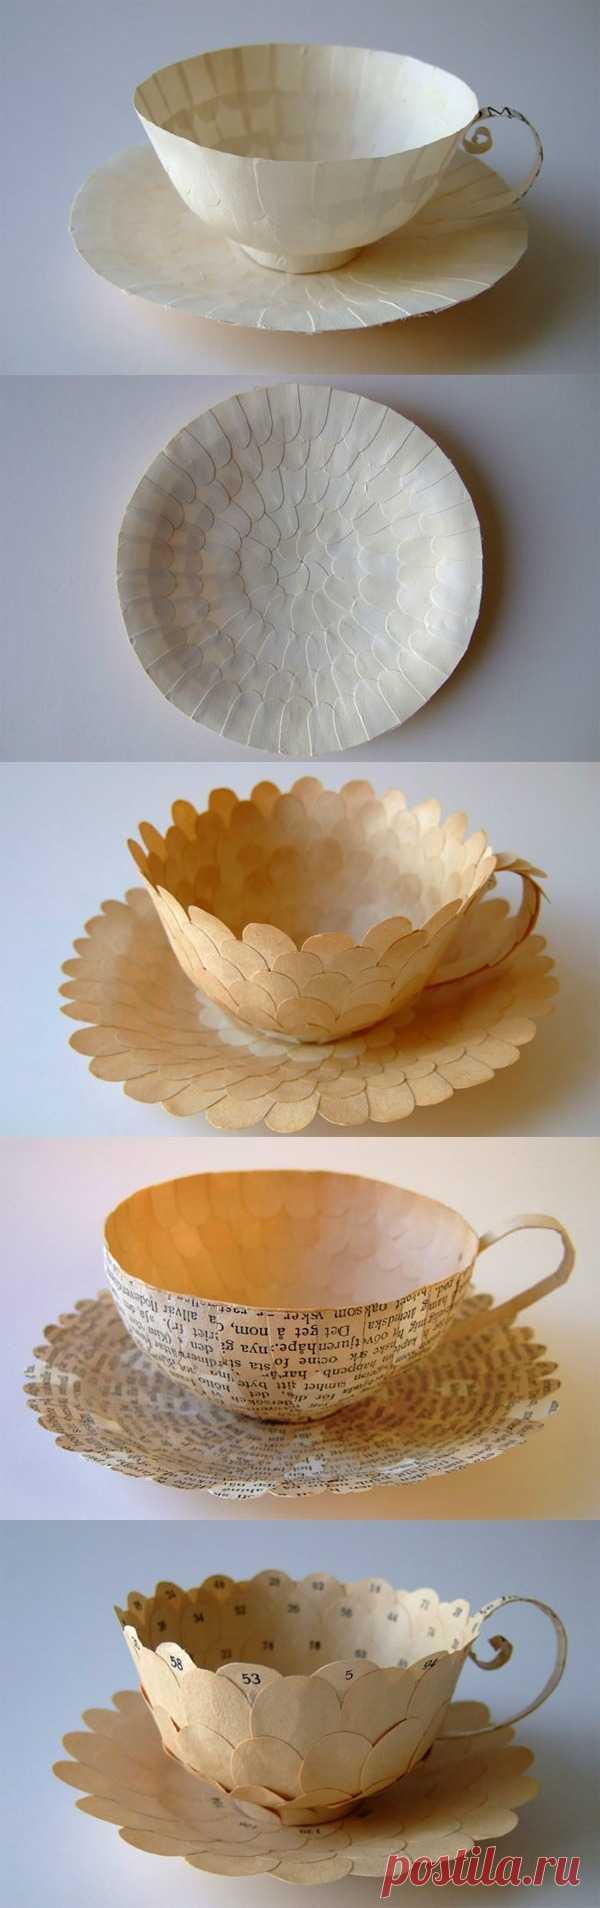 Может ли одноразовая посуда быть красивой?